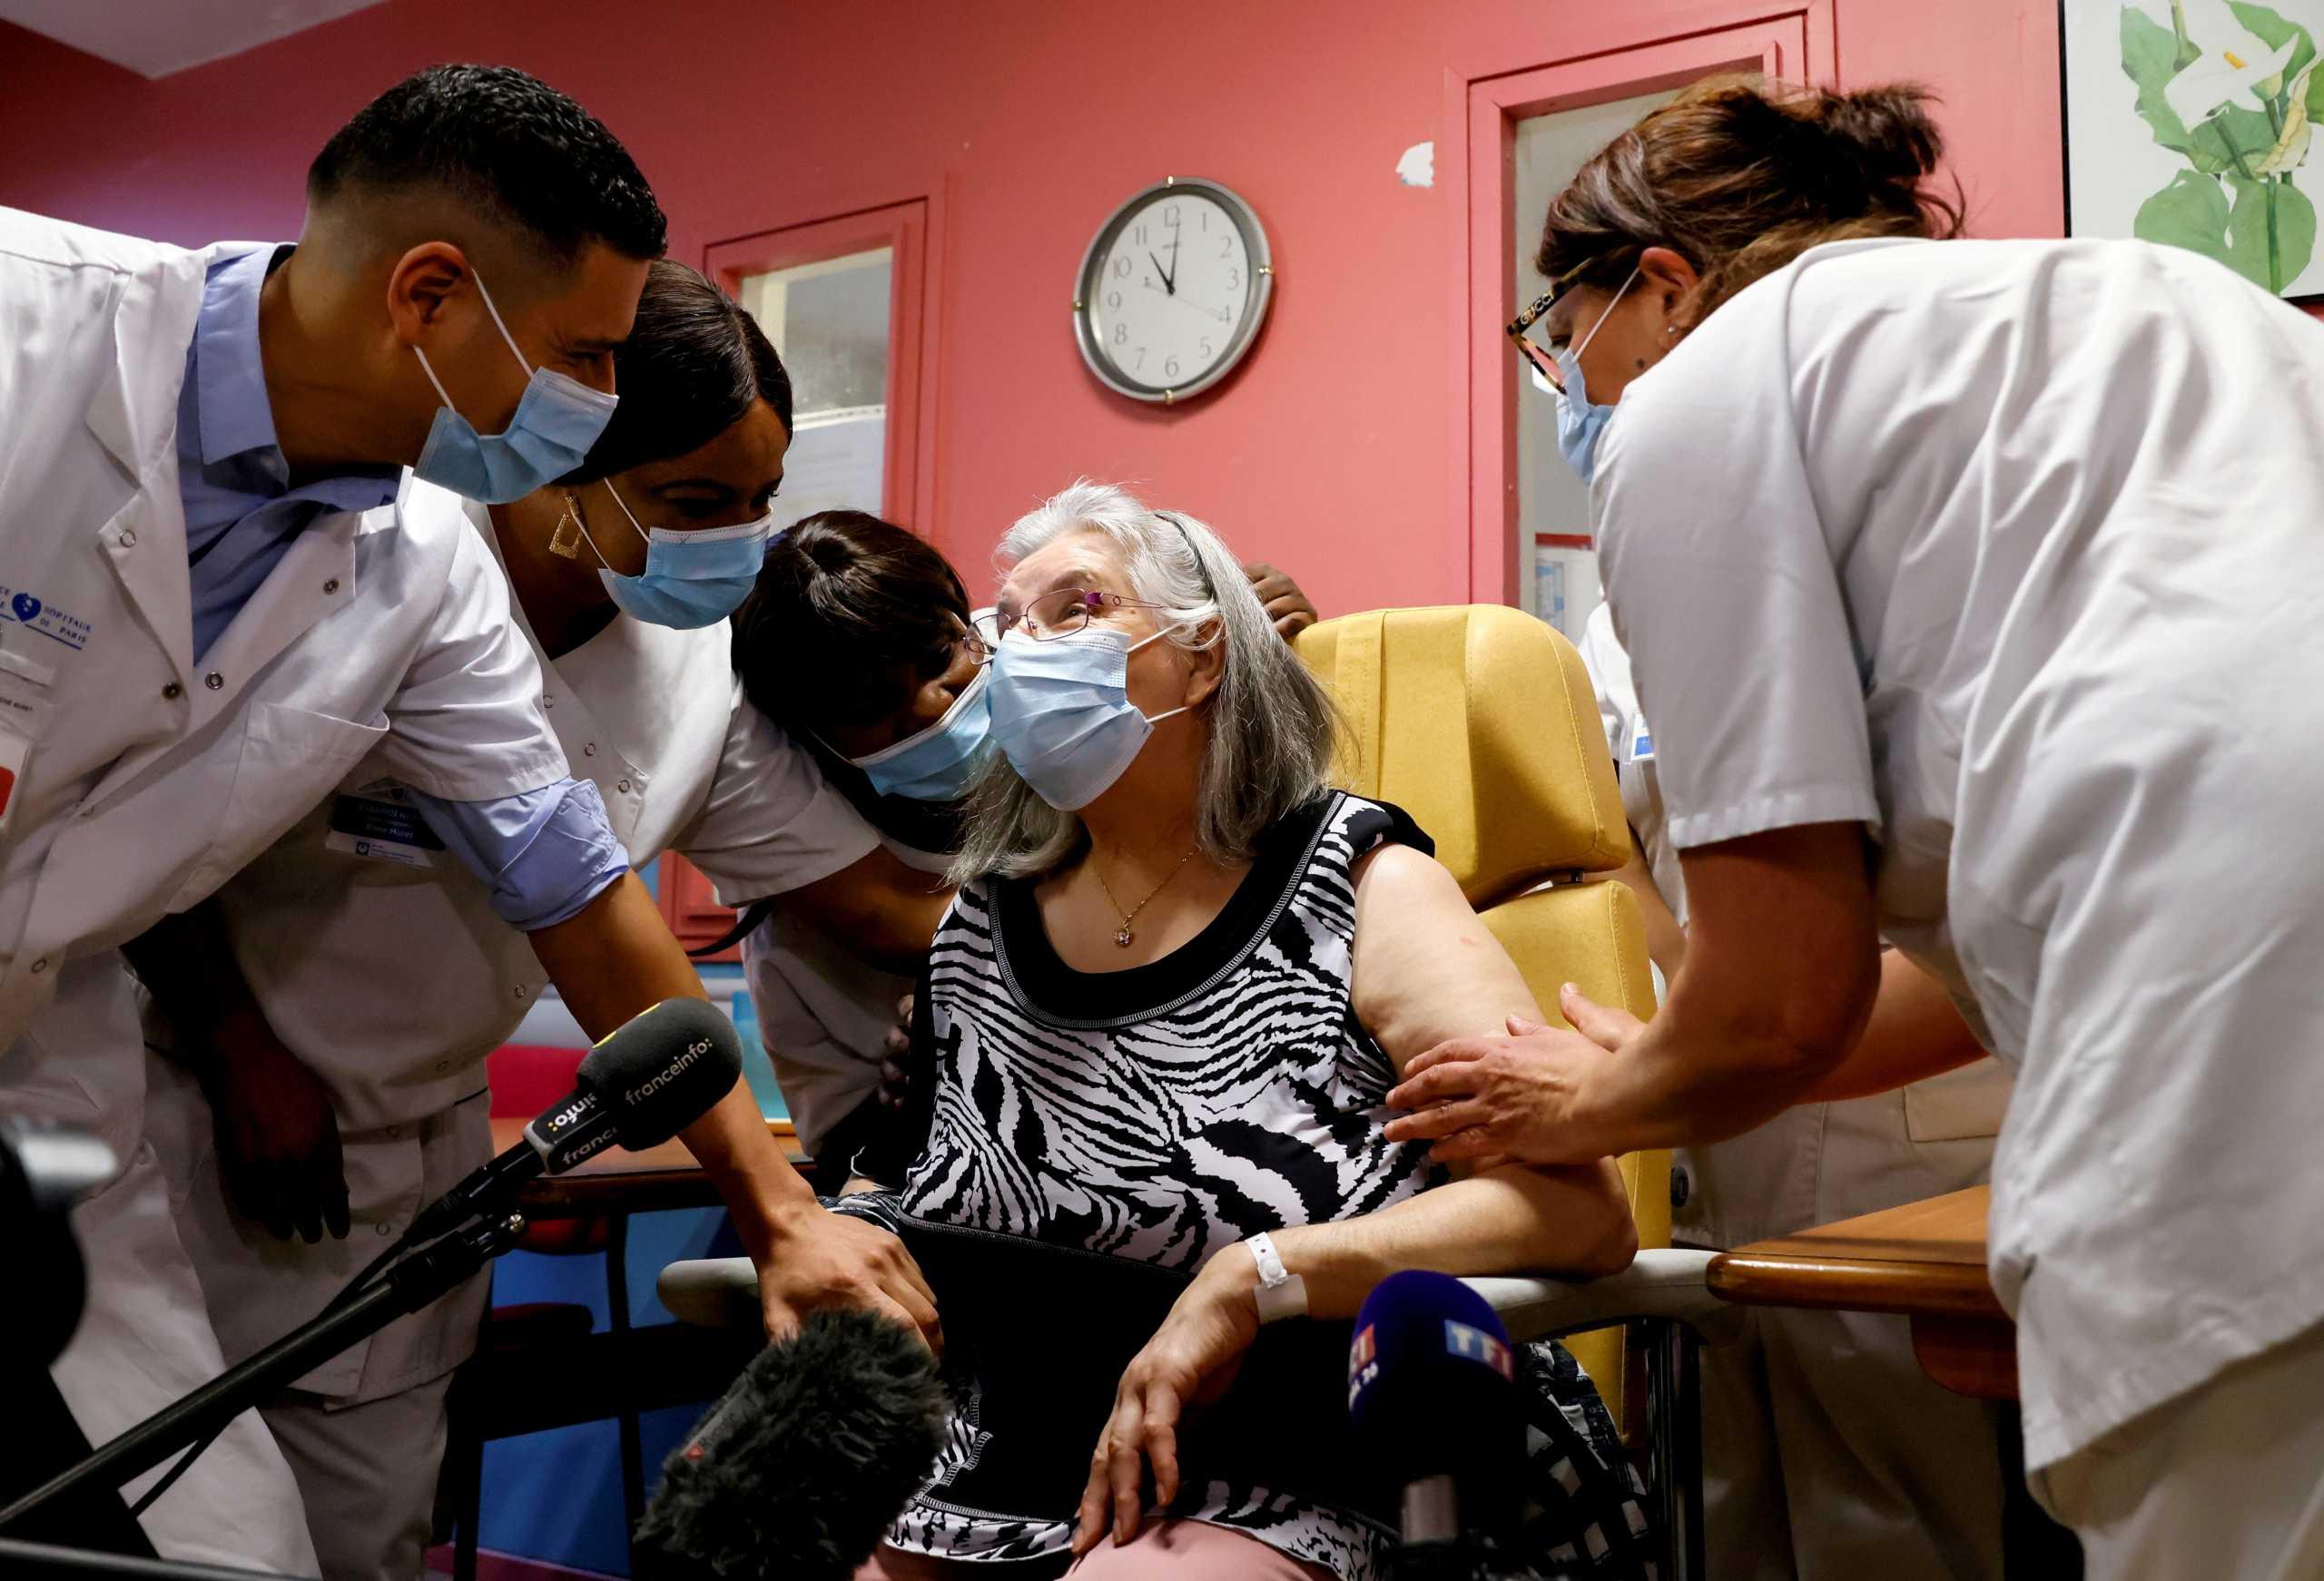 Γαλλία – κορονοϊός: Ξεκίνησε η τρίτη δόση σε ηλικιωμένους και ευπαθείς ομάδες